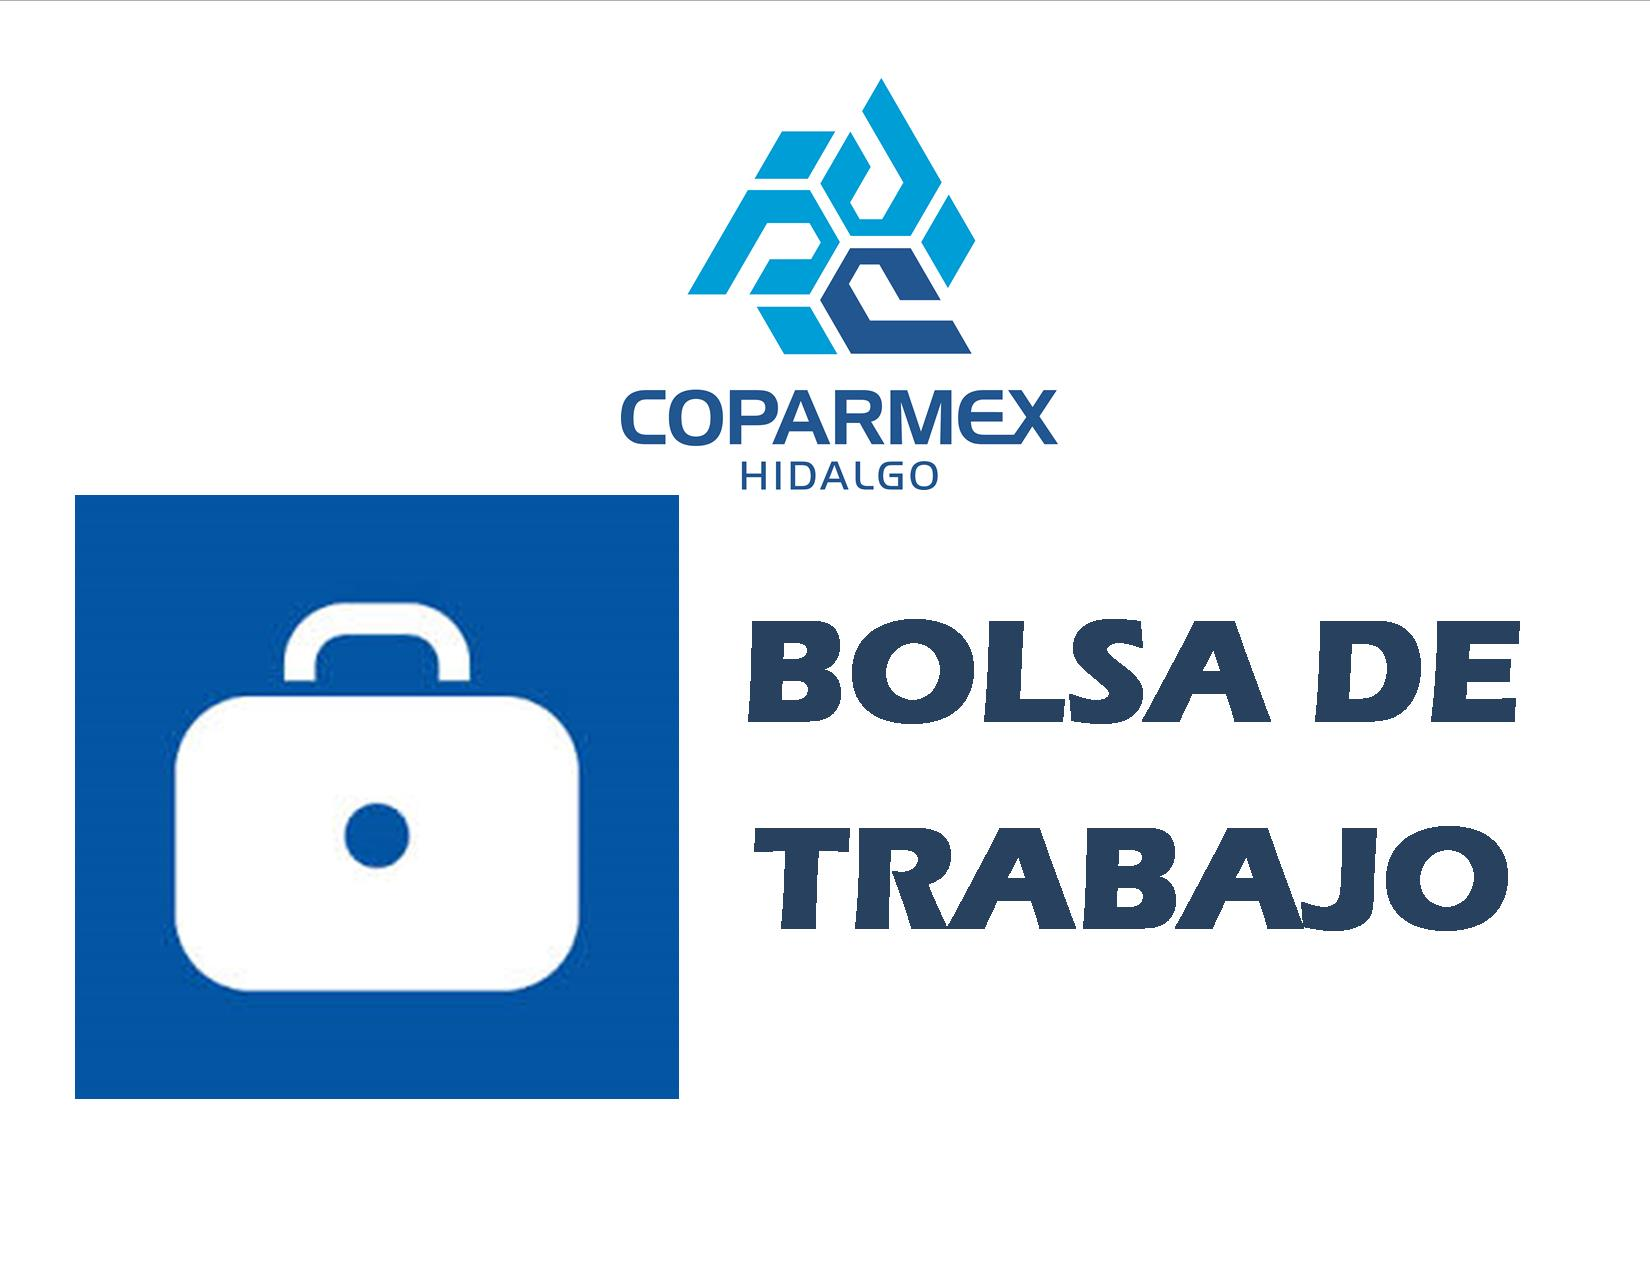 Empleos en mexico ofertas de trabajo bolsa de trabajo for Ofertas empleo madrid